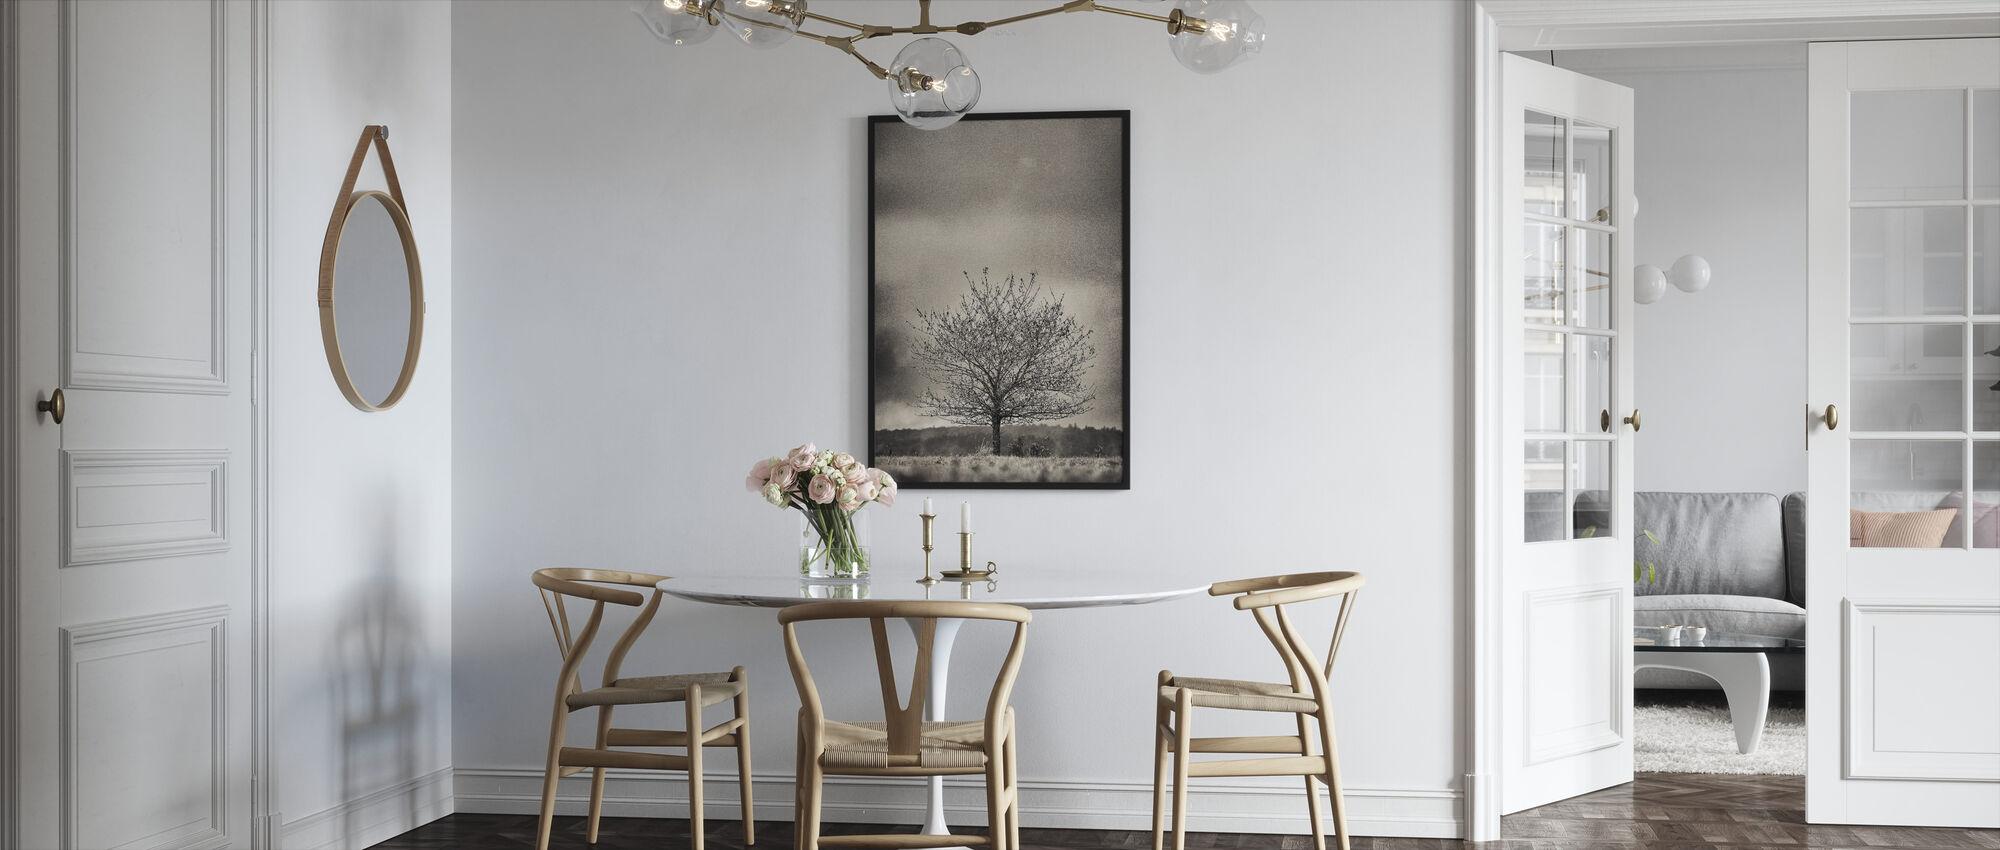 Puu Hallandissa - Ruotsi - Kehystetty kuva - Keittiö